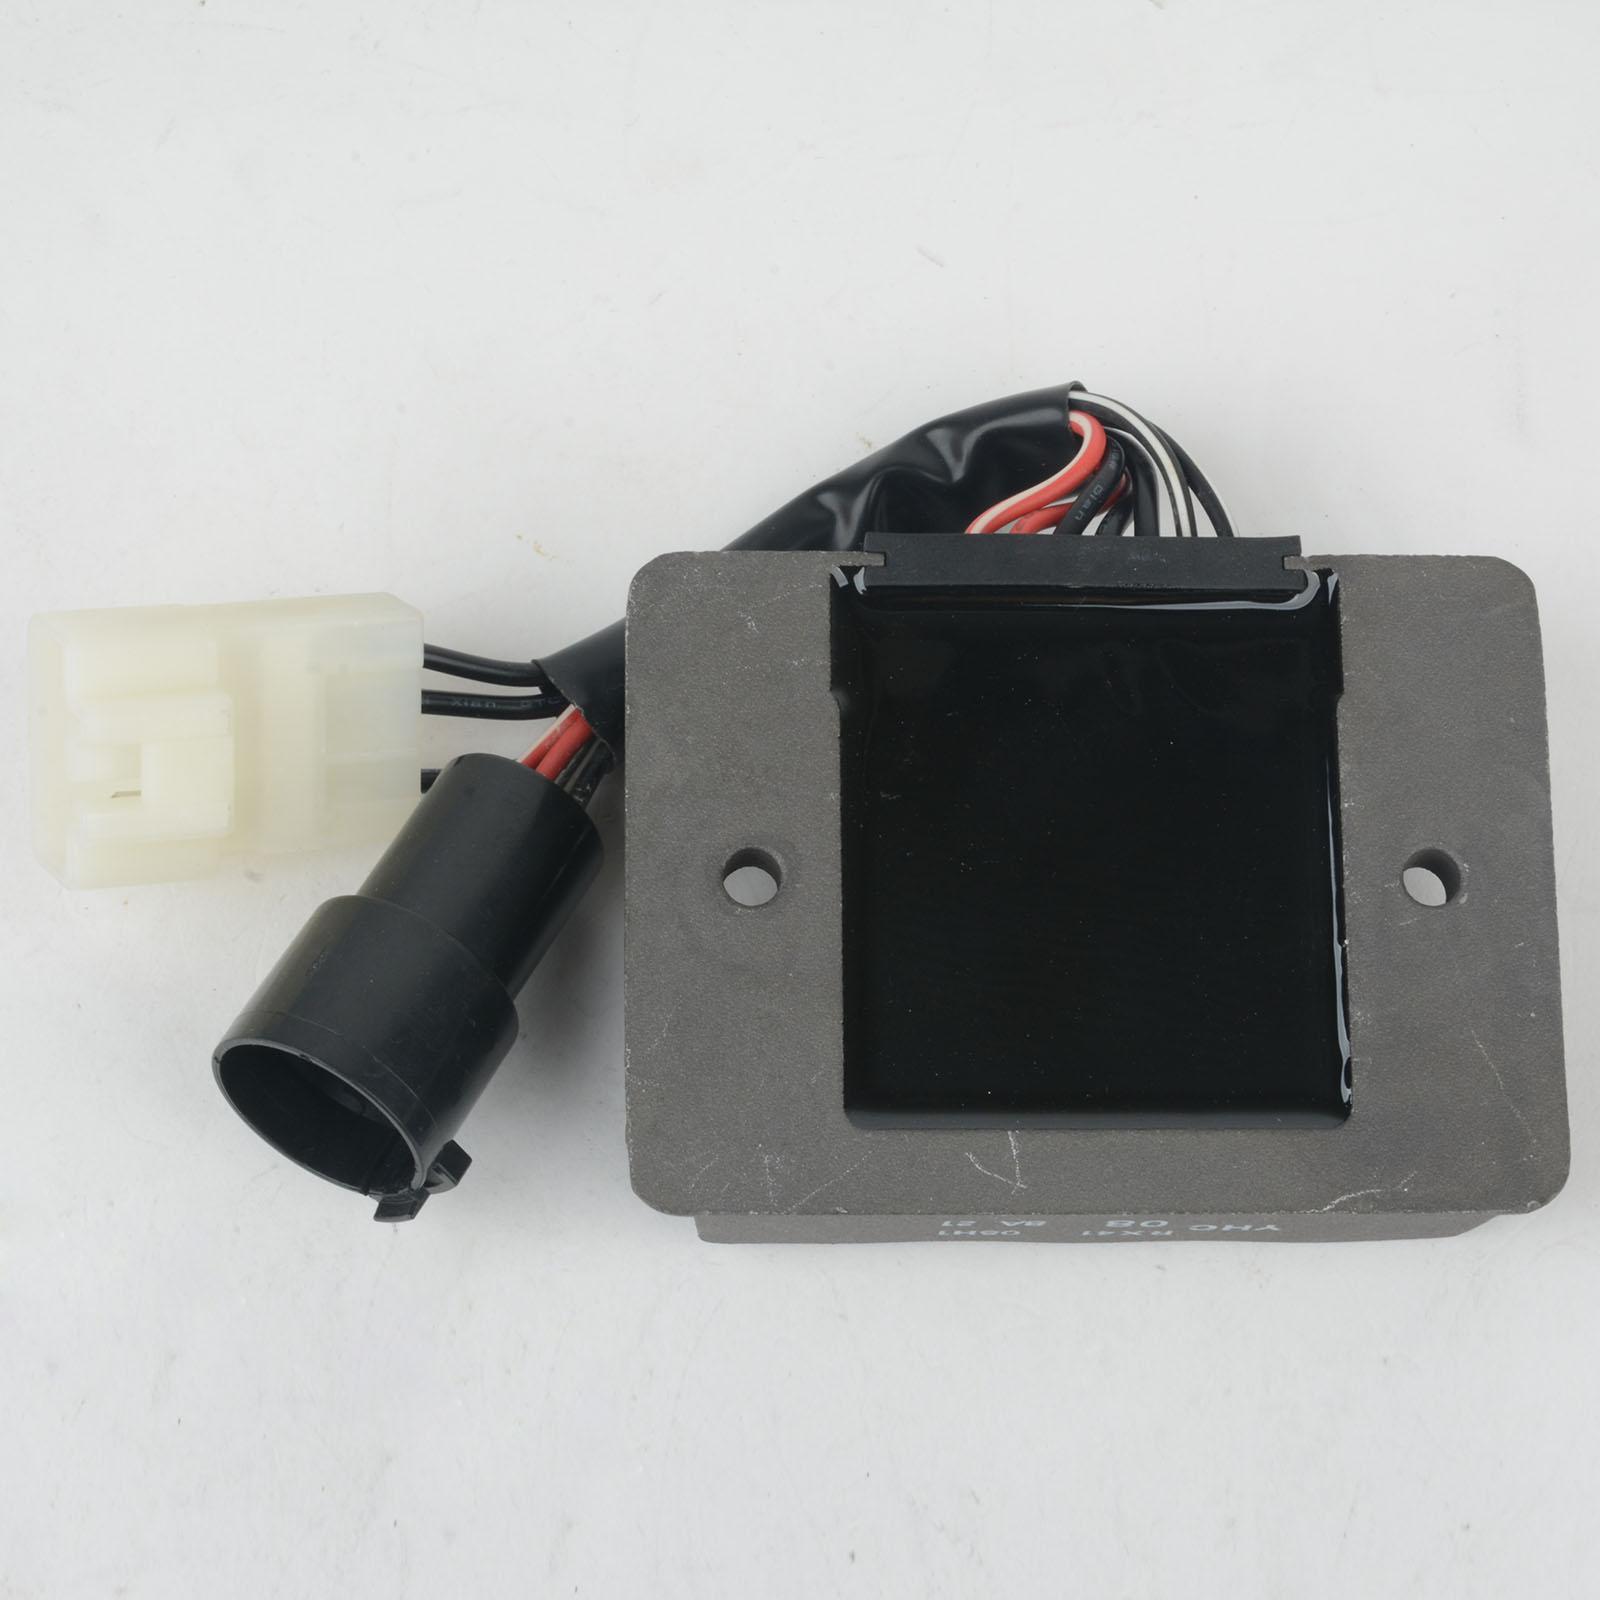 Newest Voltage Regulator Rectifier for Suzuki AN400 BURGMAN 400 SKYWAVE 400  2007 2008 2009 2010 2011